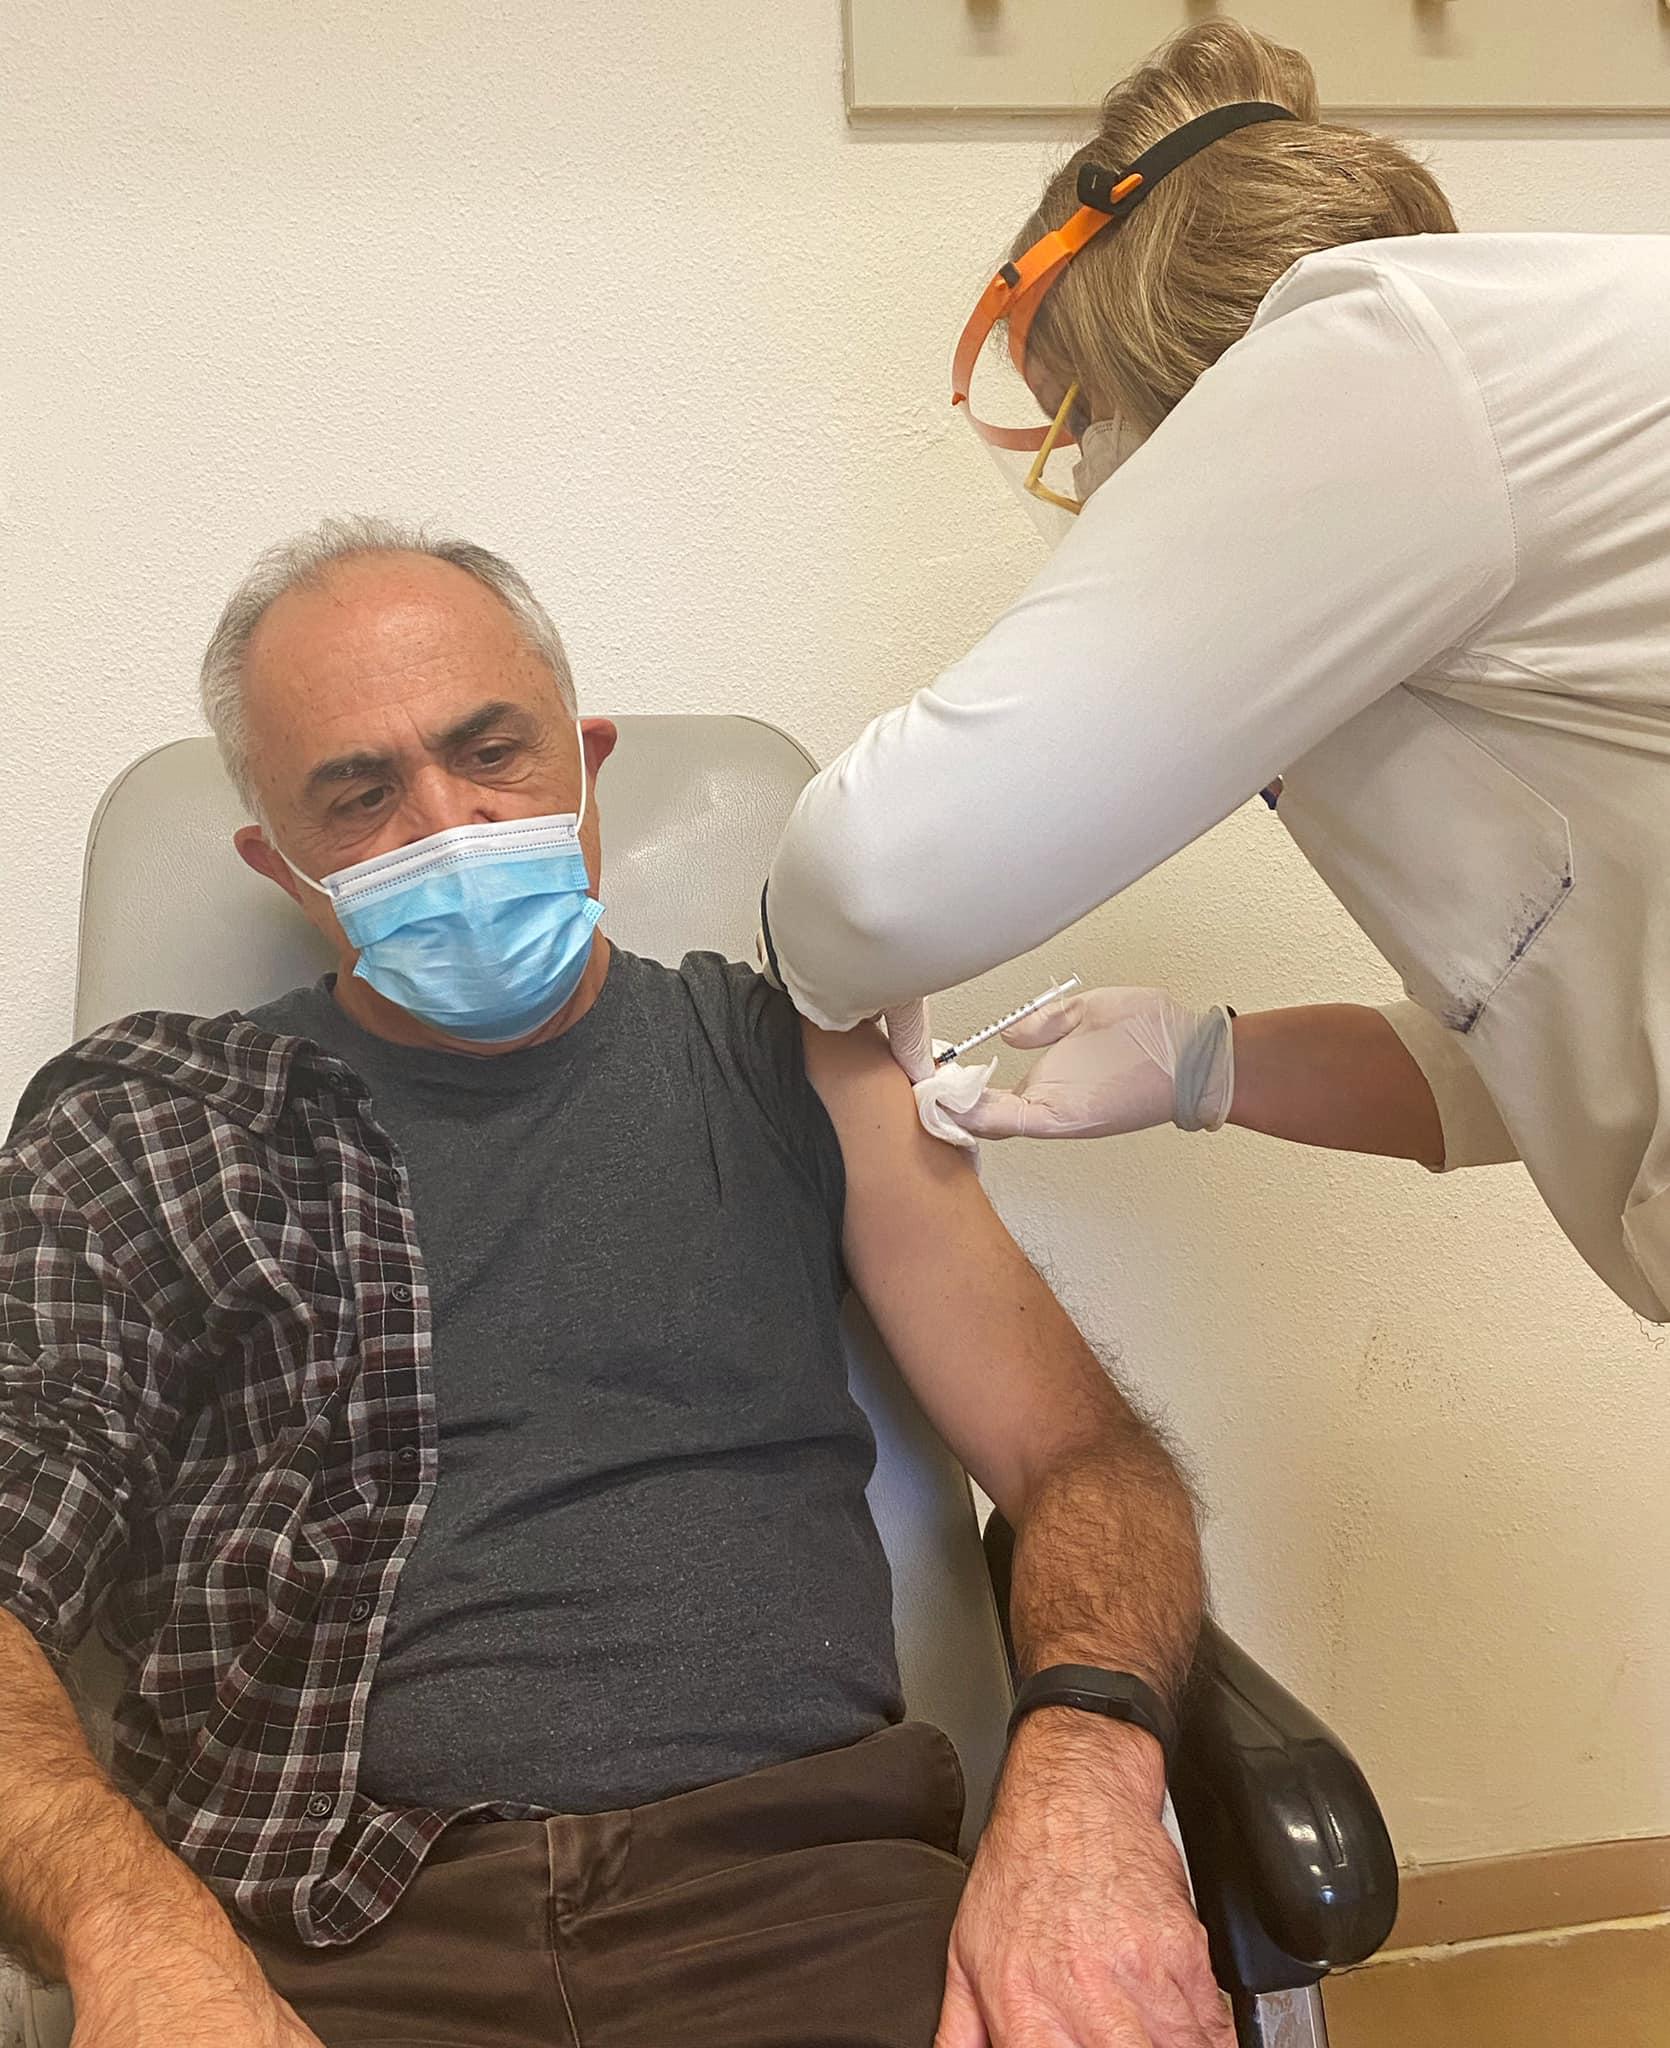 Ξεκίνησαν οι εμβολιασμοί στους υγειονομικούς στη Θράκη